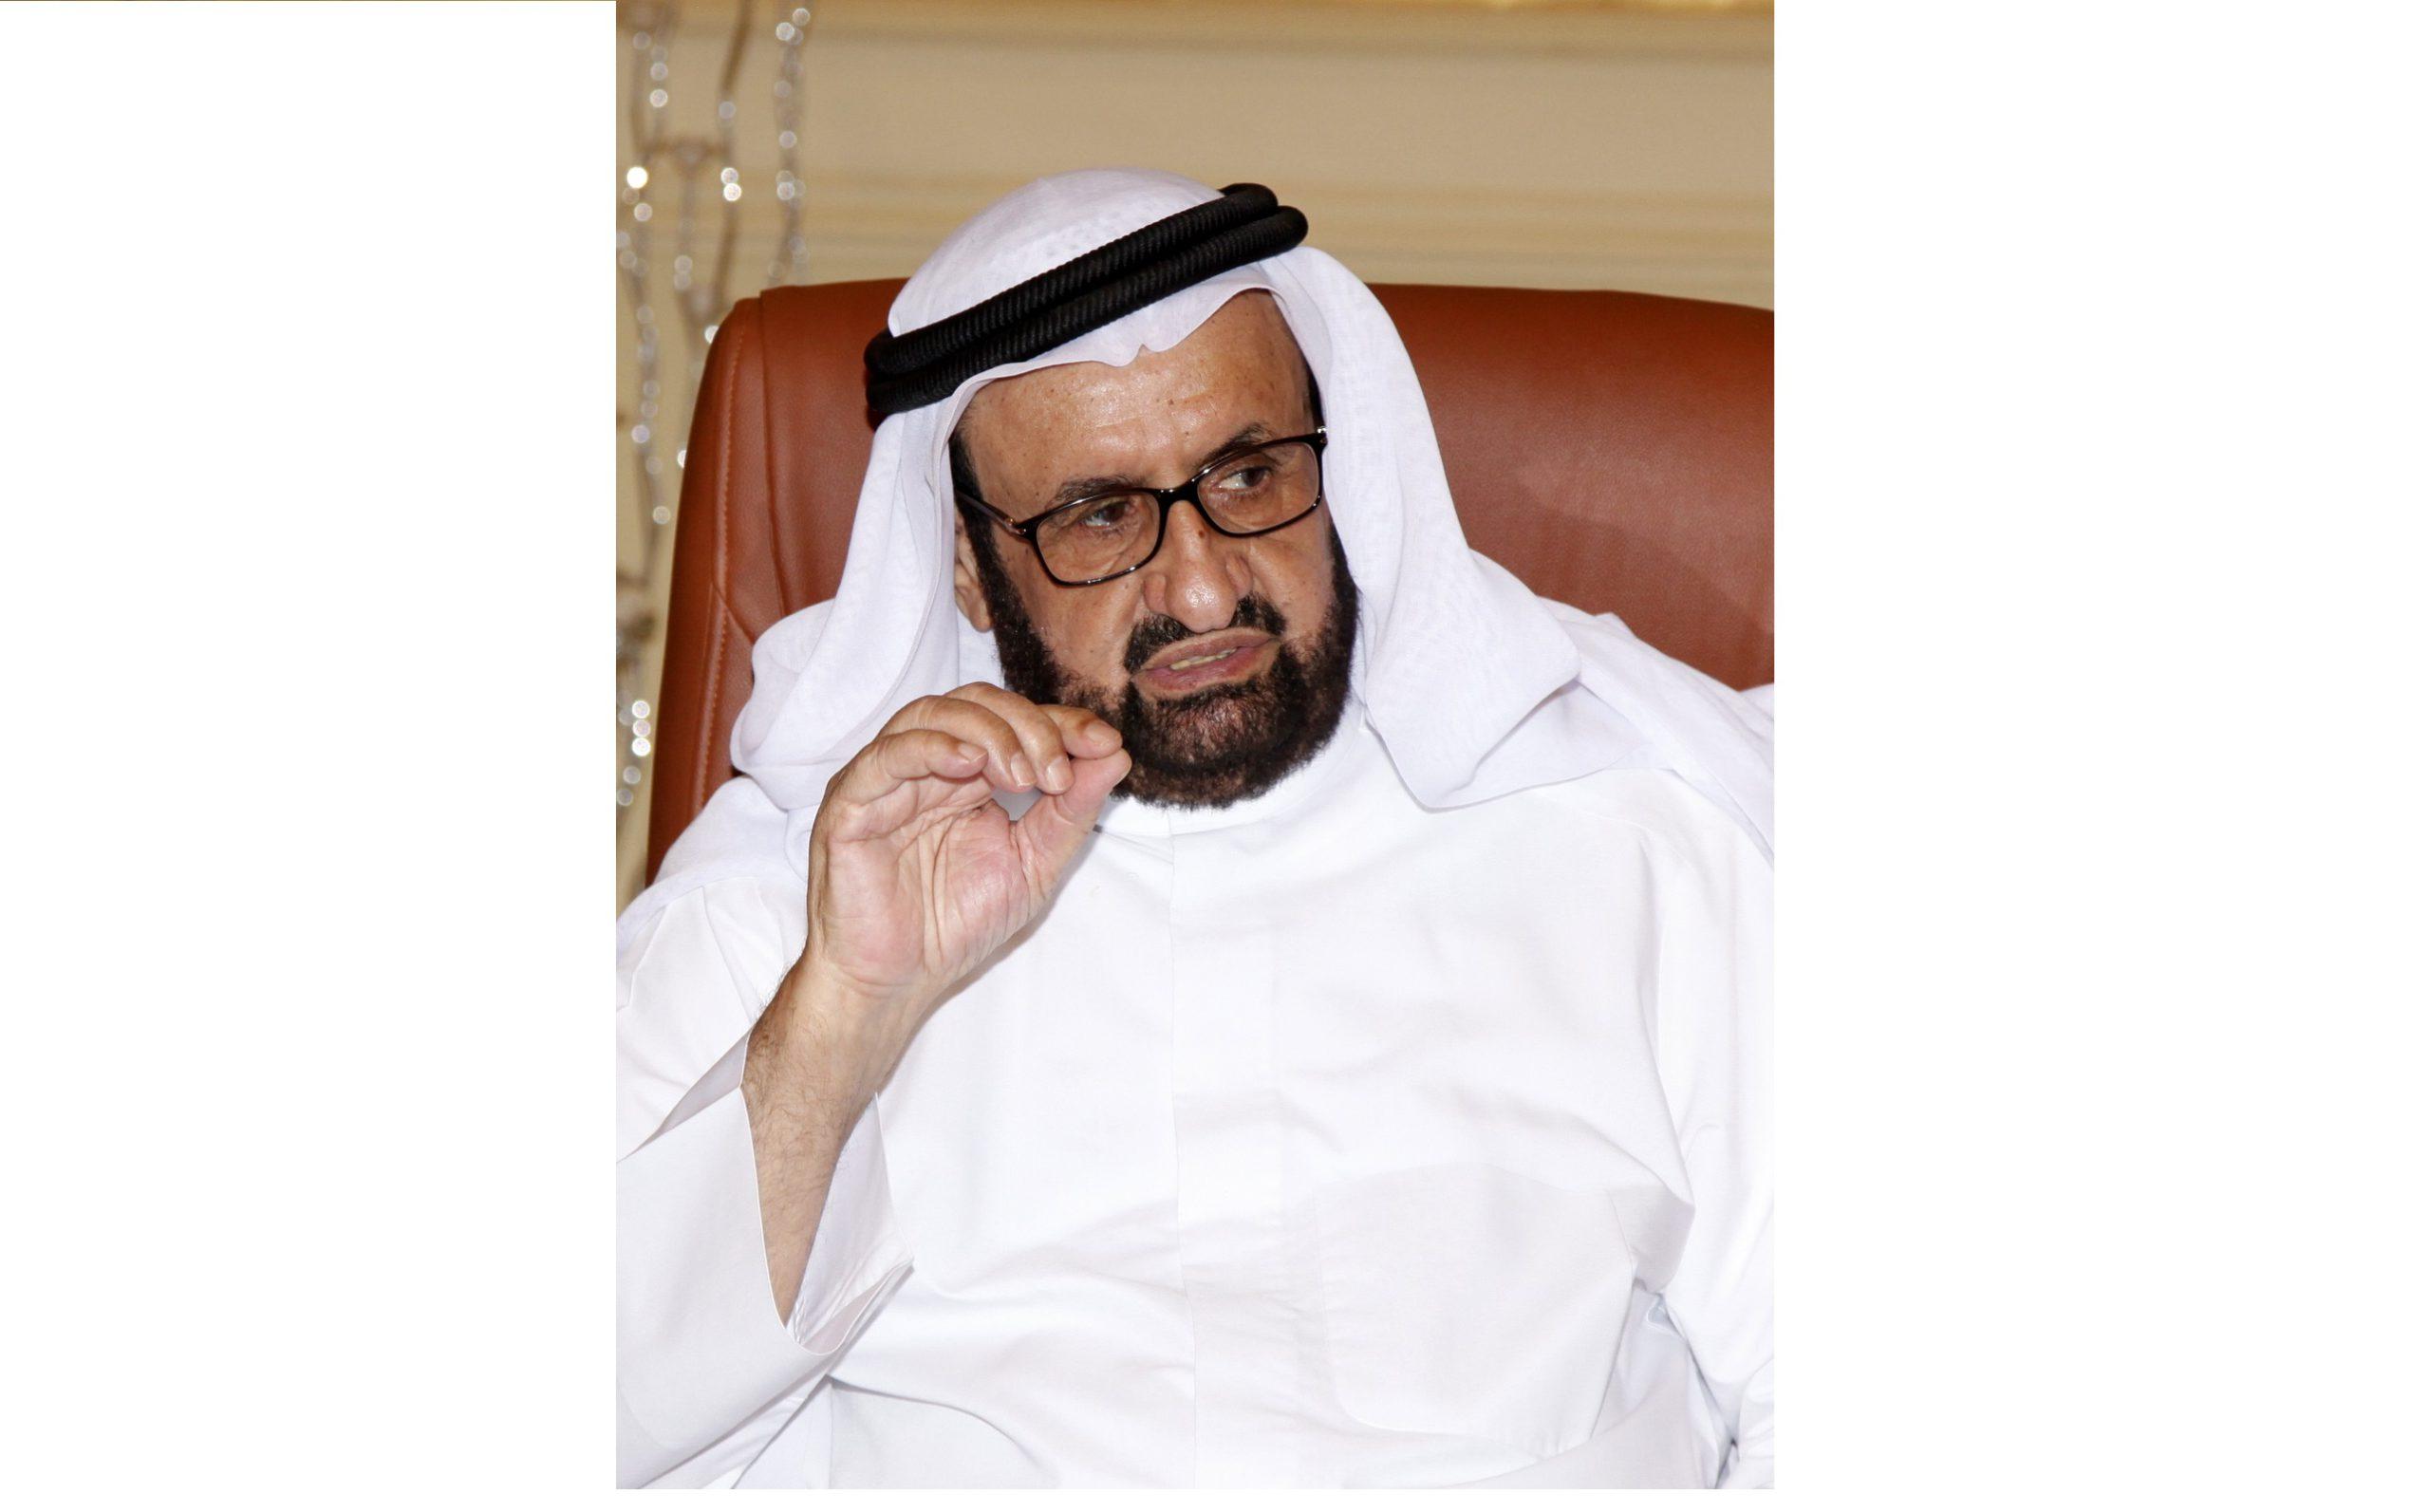 حسين الدواس: قطر دائماً سباقة في تطوير رياضة سباقات الهجن